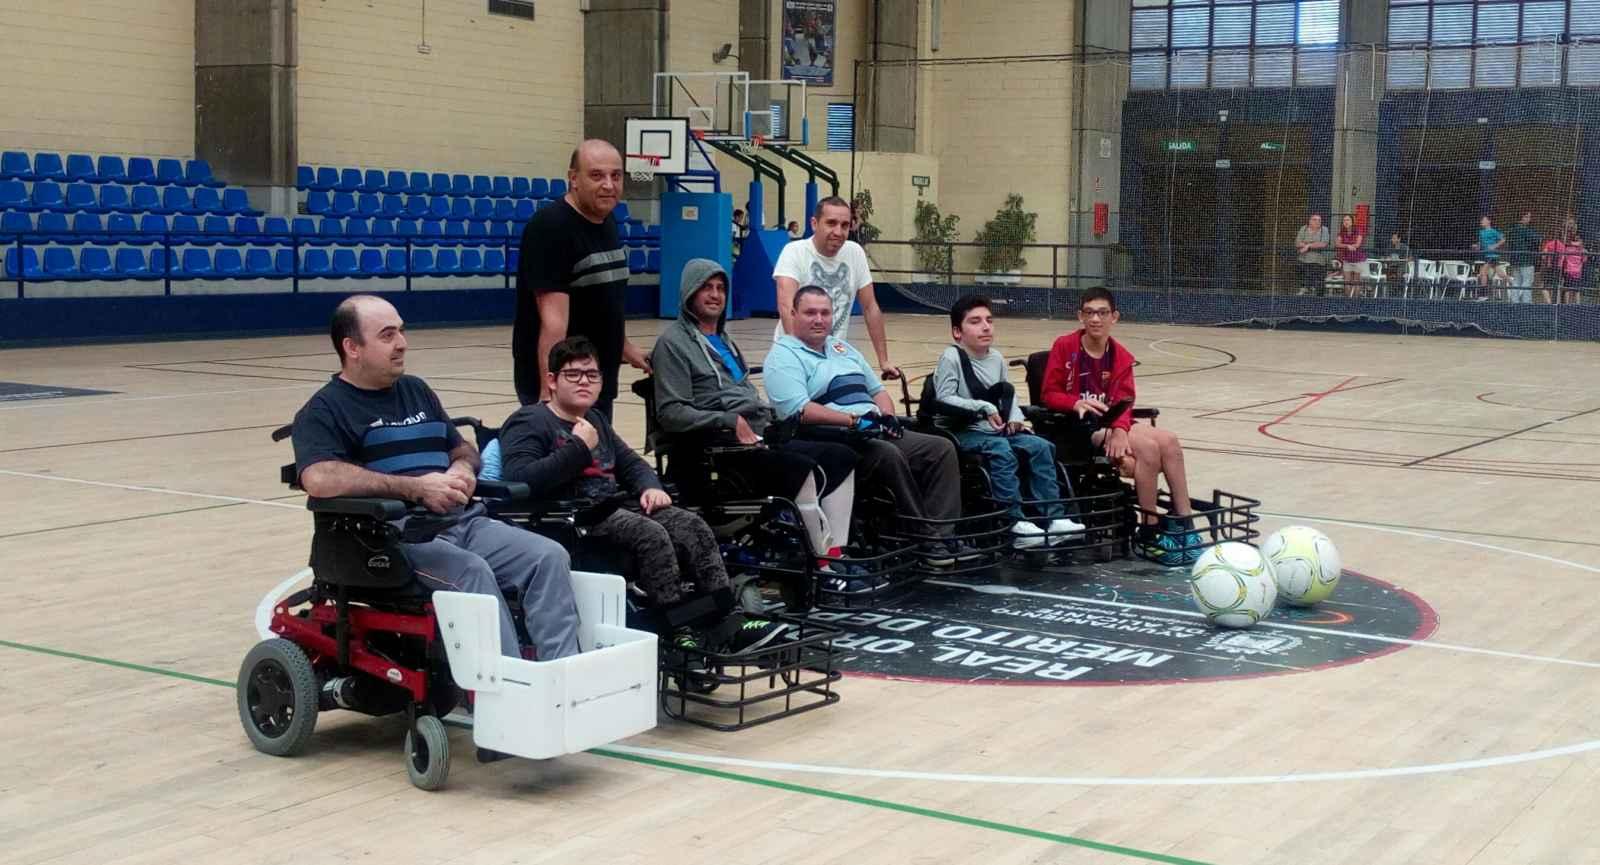 Parte del equipo Club de Deportes Adaptados Furia, los precursores del Fútbol motorizado. / Foto: fipfa.org